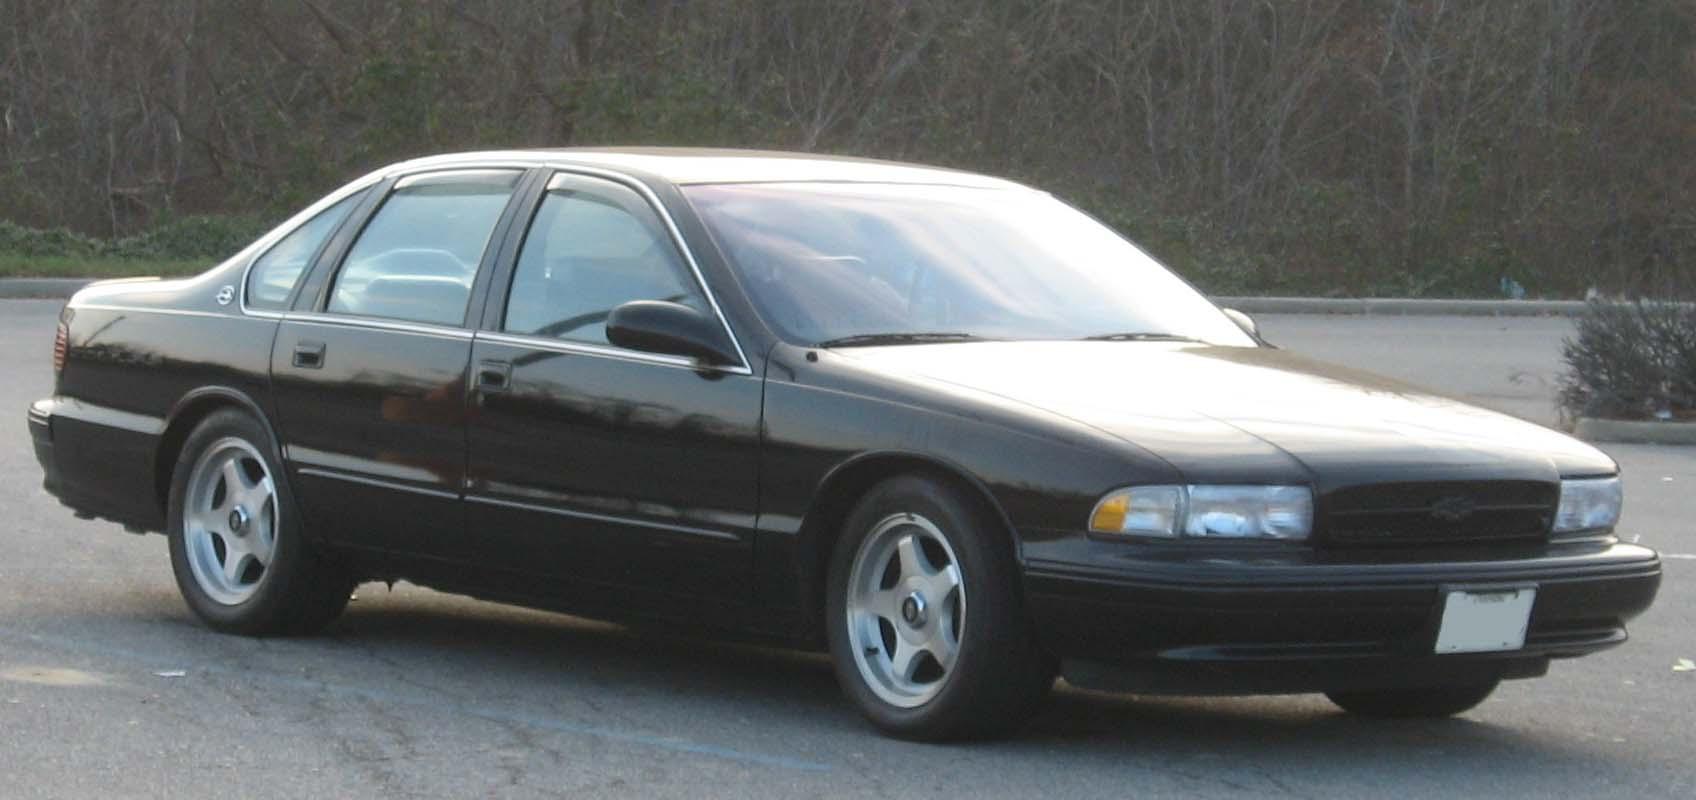 1994 Chevrolet Impala #7 Chevrolet Impala #7